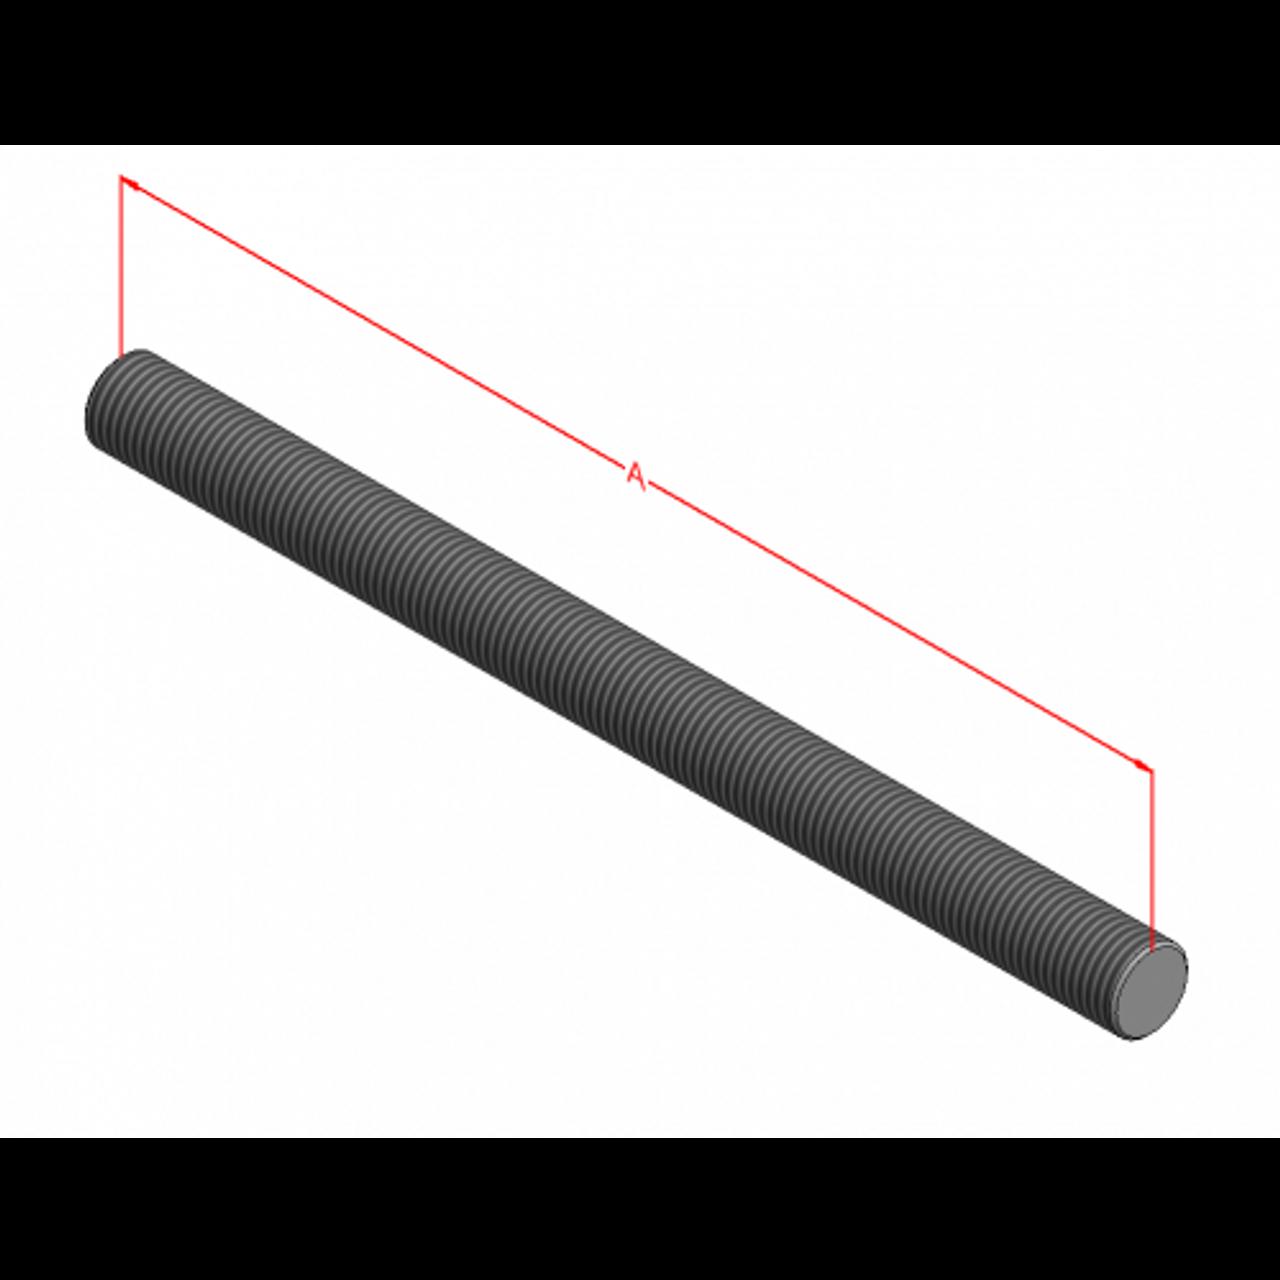 1 2 13 B7 Threaded Rod Plain Anchor Bolt Express